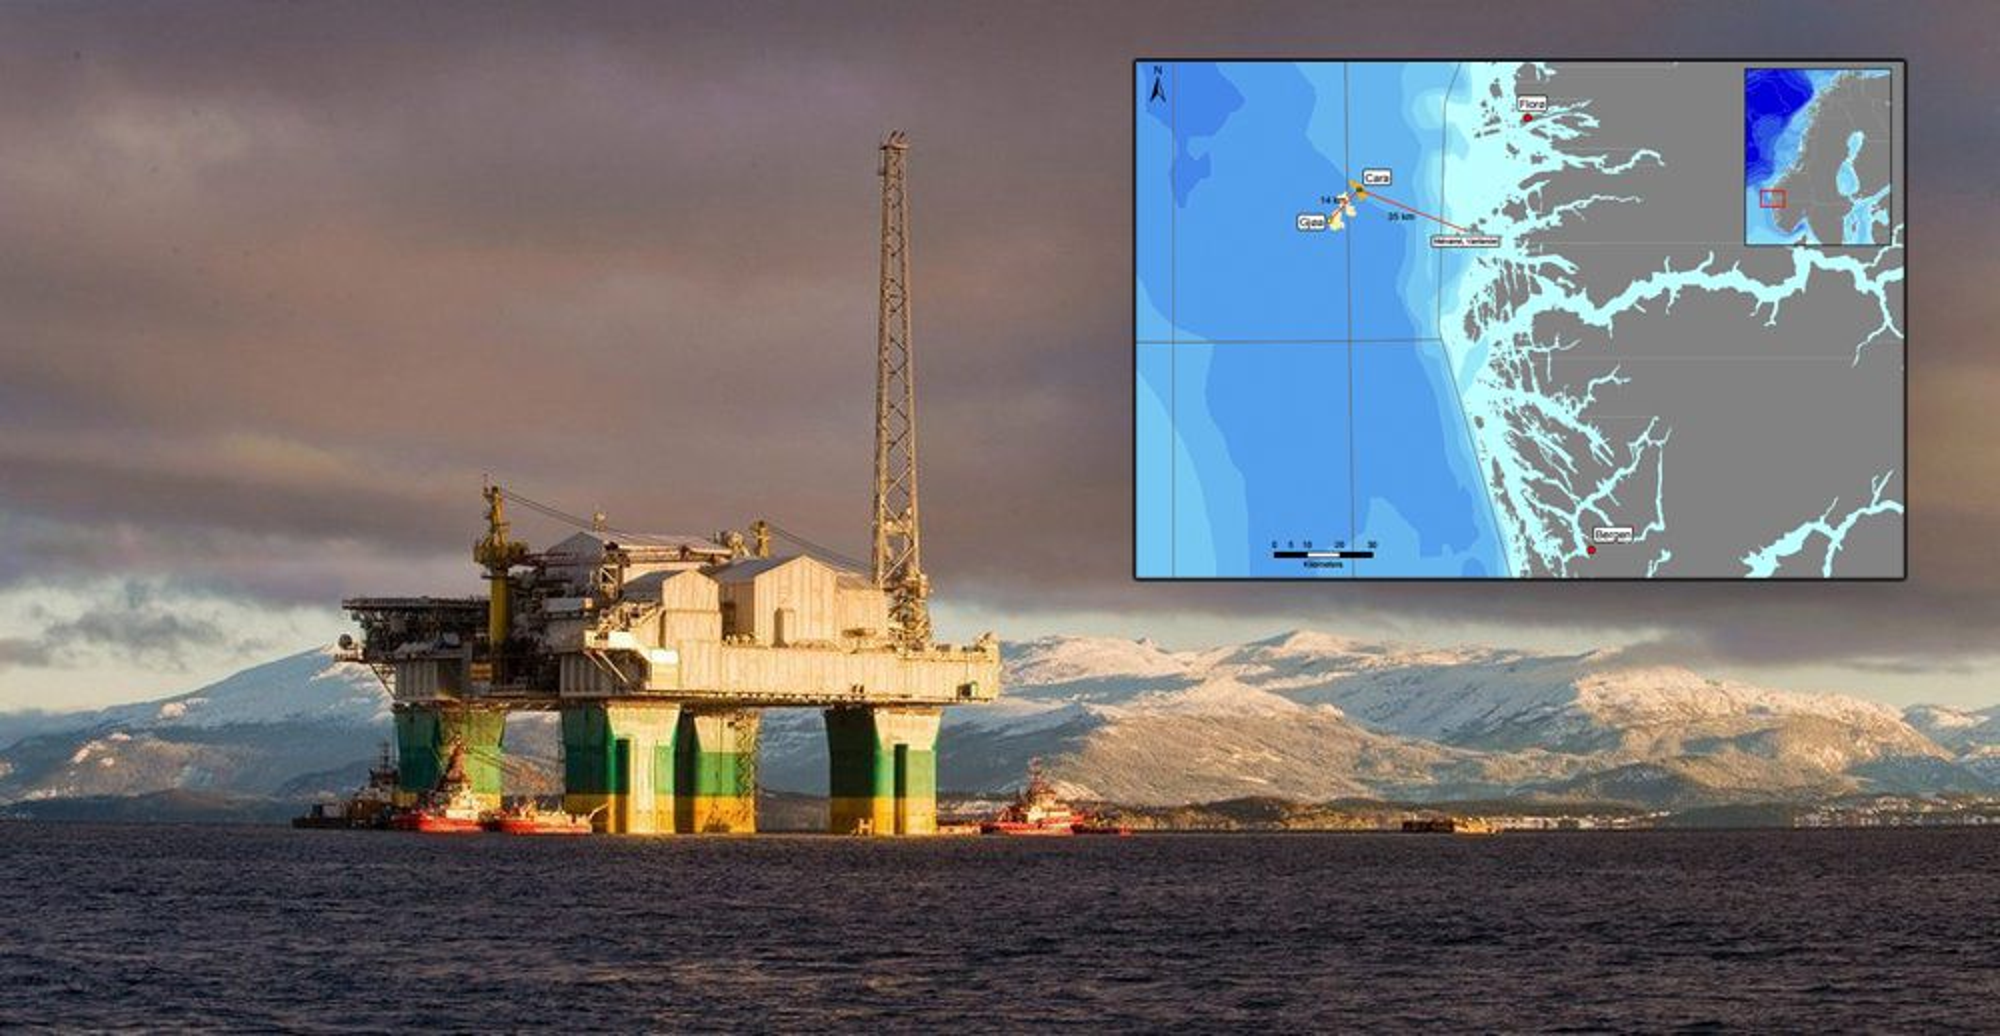 Gjøa-plattformen er planlagt som tilknytningspunkt for Engies nye feltutvikling, Cara, som ligger rundt 14 kilometer unna.